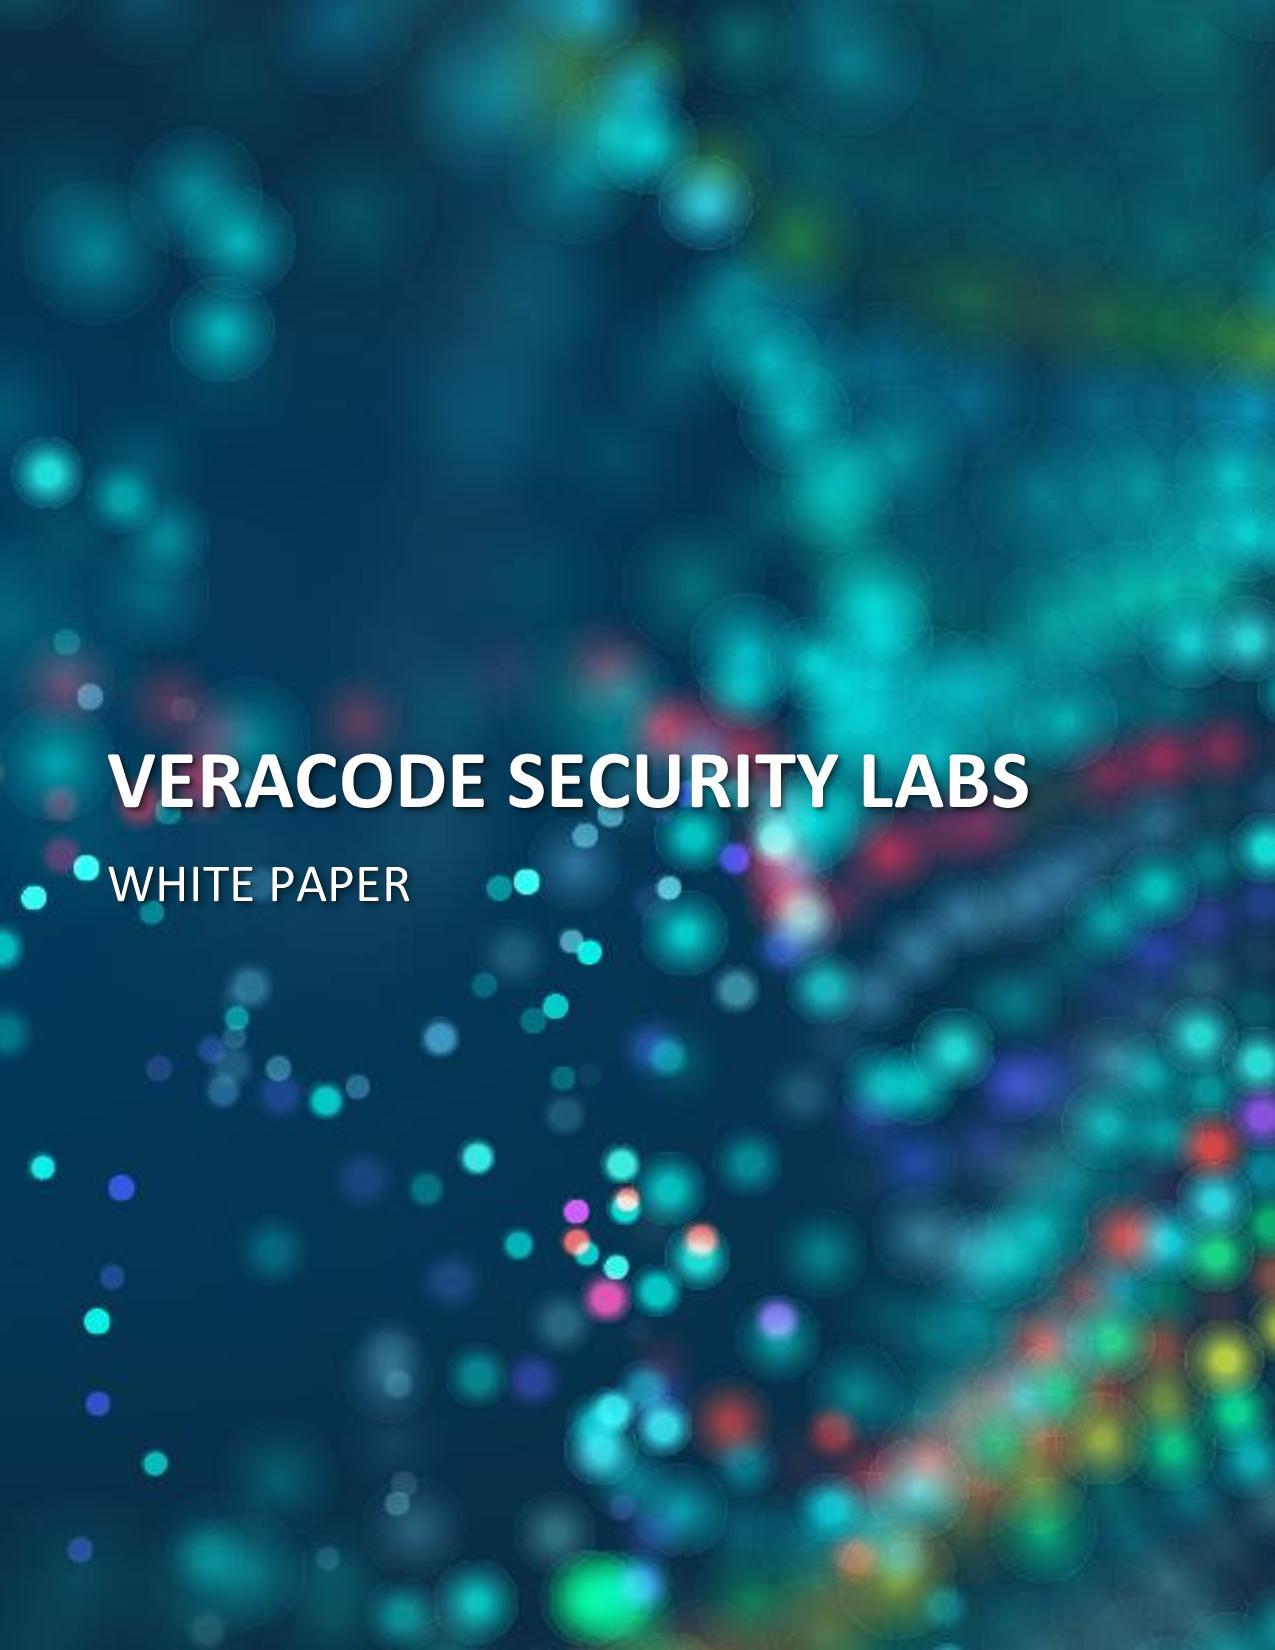 Les laboratoires de sécurité de Veracode